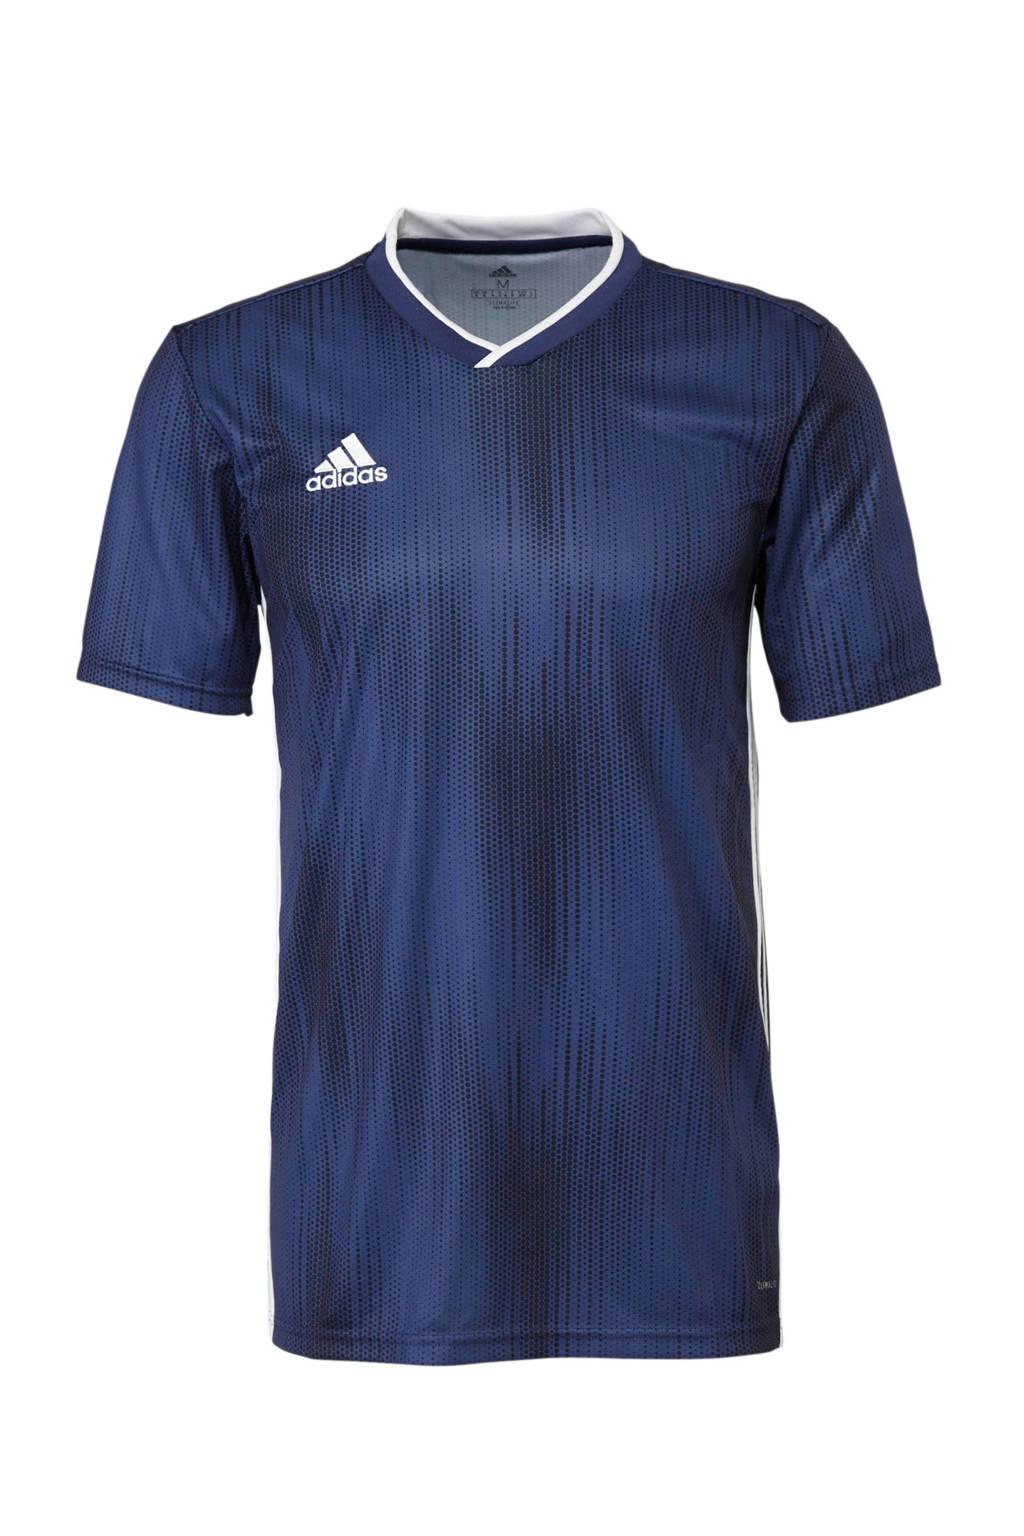 adidas performance Senior  sport T-shirt Tiro donkerblauw, Heren